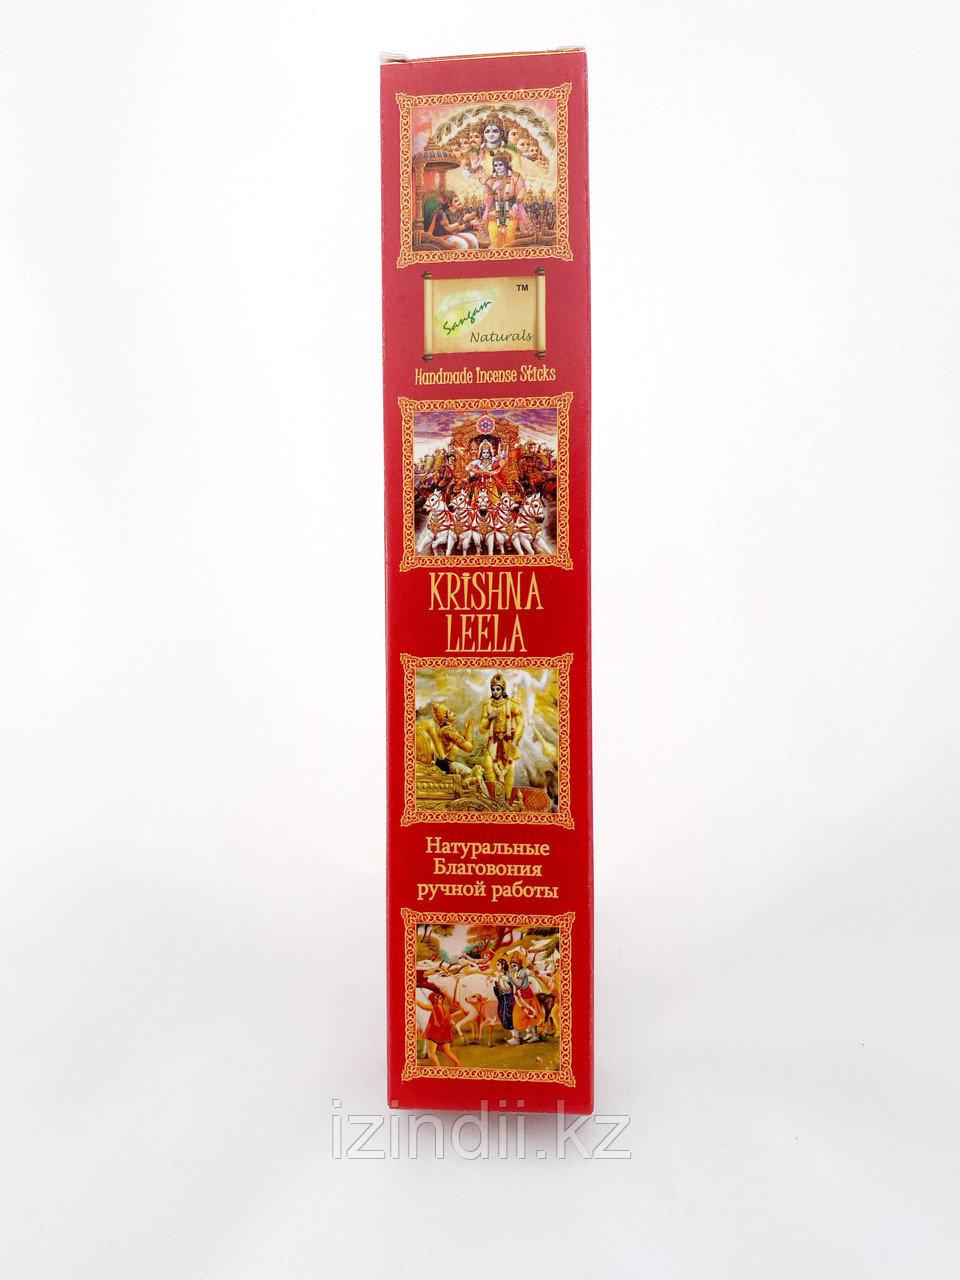 Krishna Leela,Sangan, натуральные благовония ручной работы